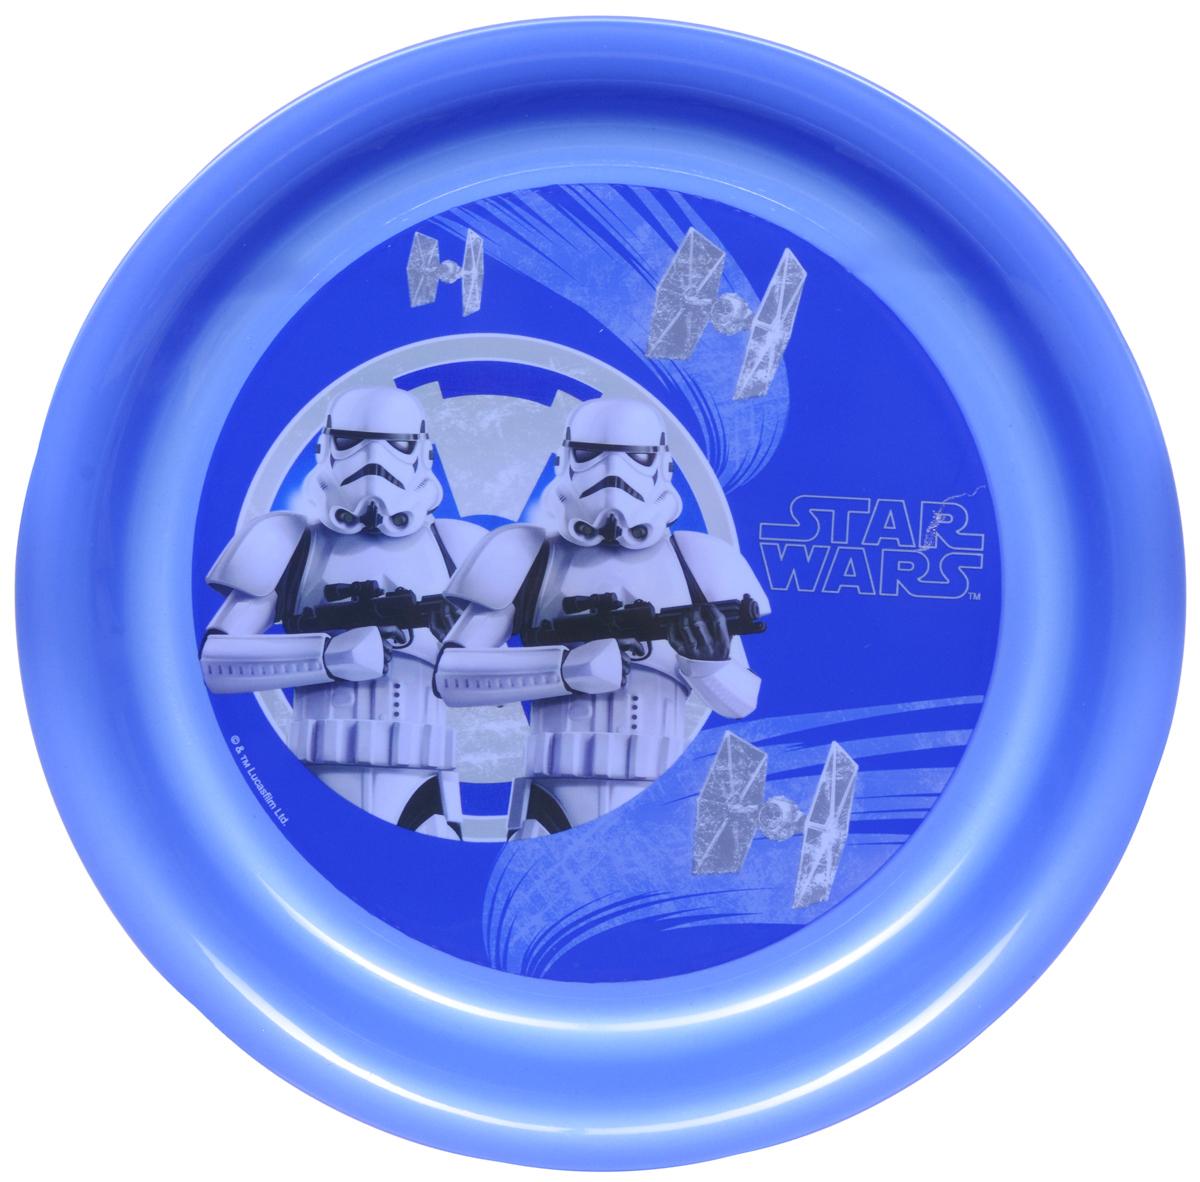 Star Wars Тарелка детская Штурмовики диаметр 19 см115510Детская тарелка Star Wars Штурмовики станет отличным подарком для любого фаната знаменитой саги. Она выполнена из полипропилена и оформлена рисунком с изображением имперских штурмовиков. Диаметр тарелки: 19 см. Не подходит для использования в посудомоечной машине и СВЧ-печи.